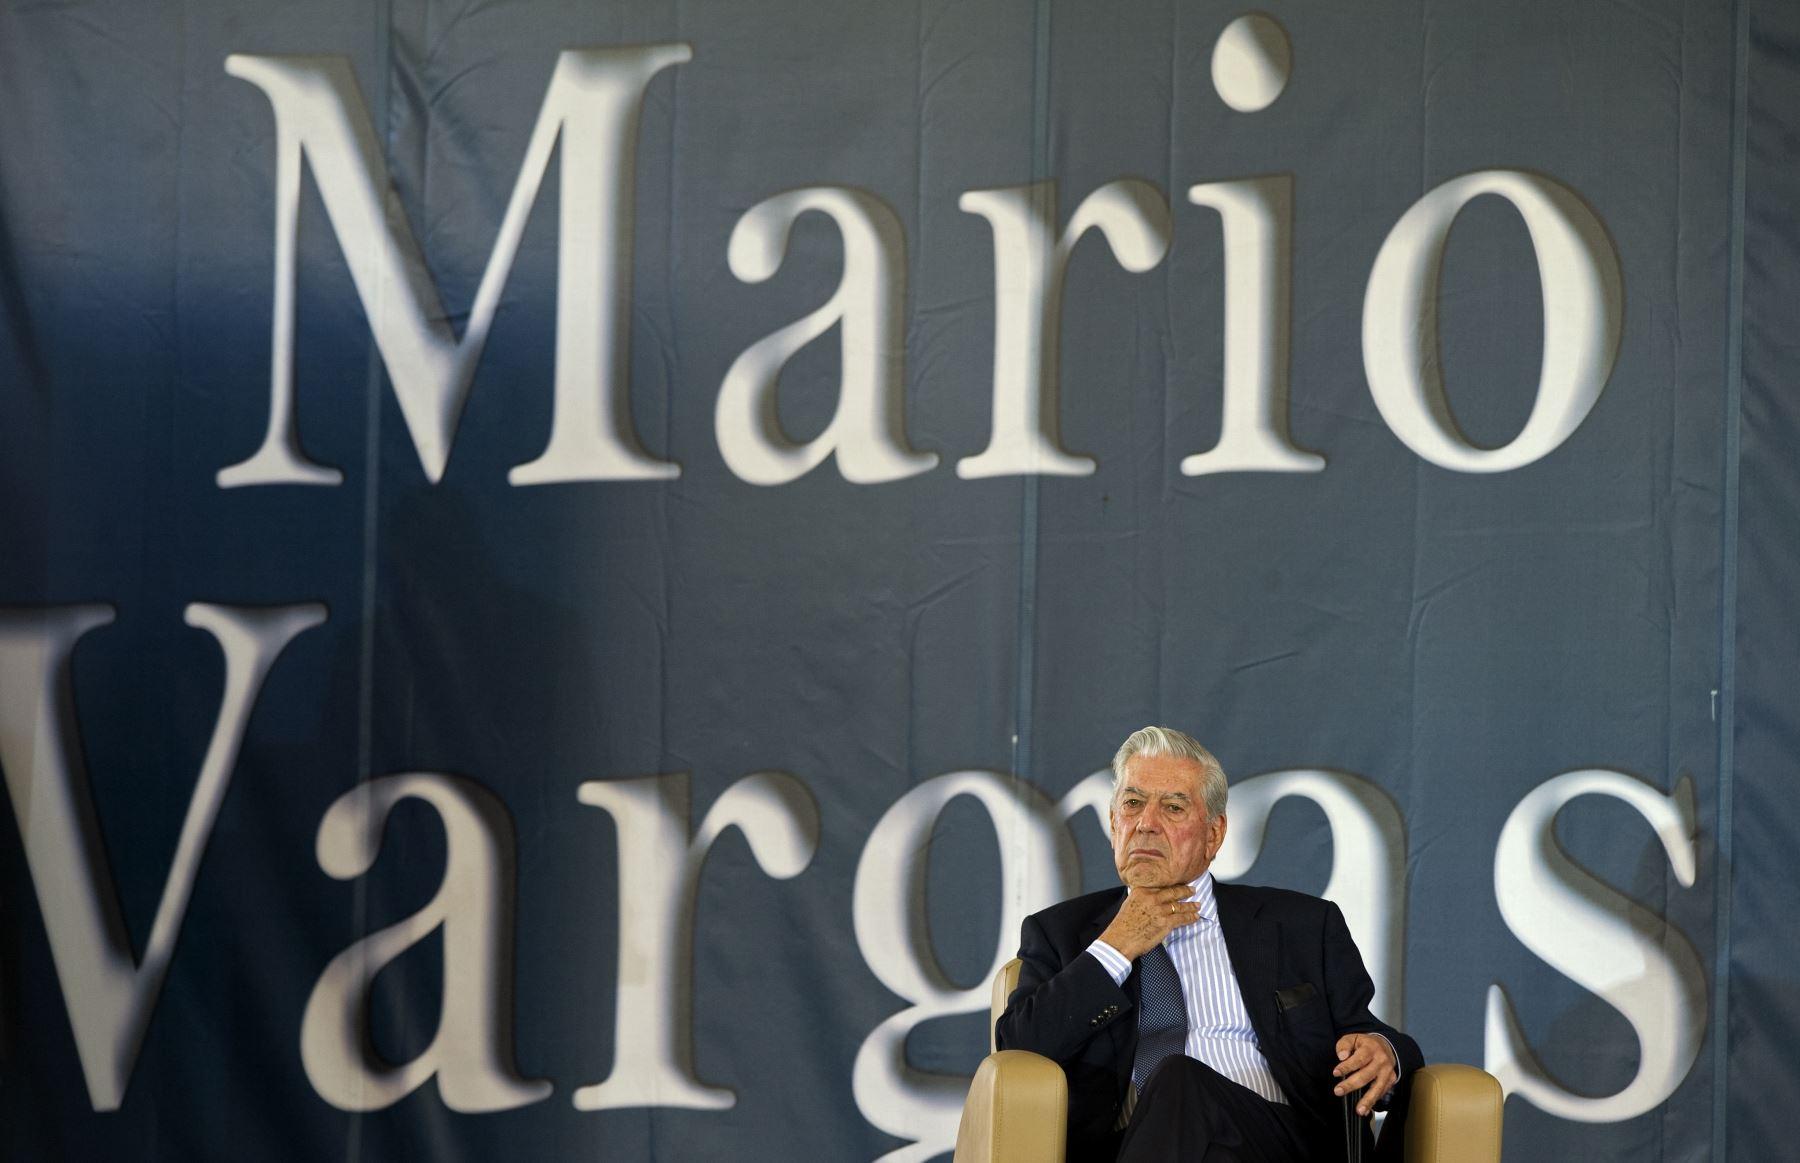 El premio nobel Mario Vargas Llosa nació en la ciudad sureña de Arequipa. Foto: AFP